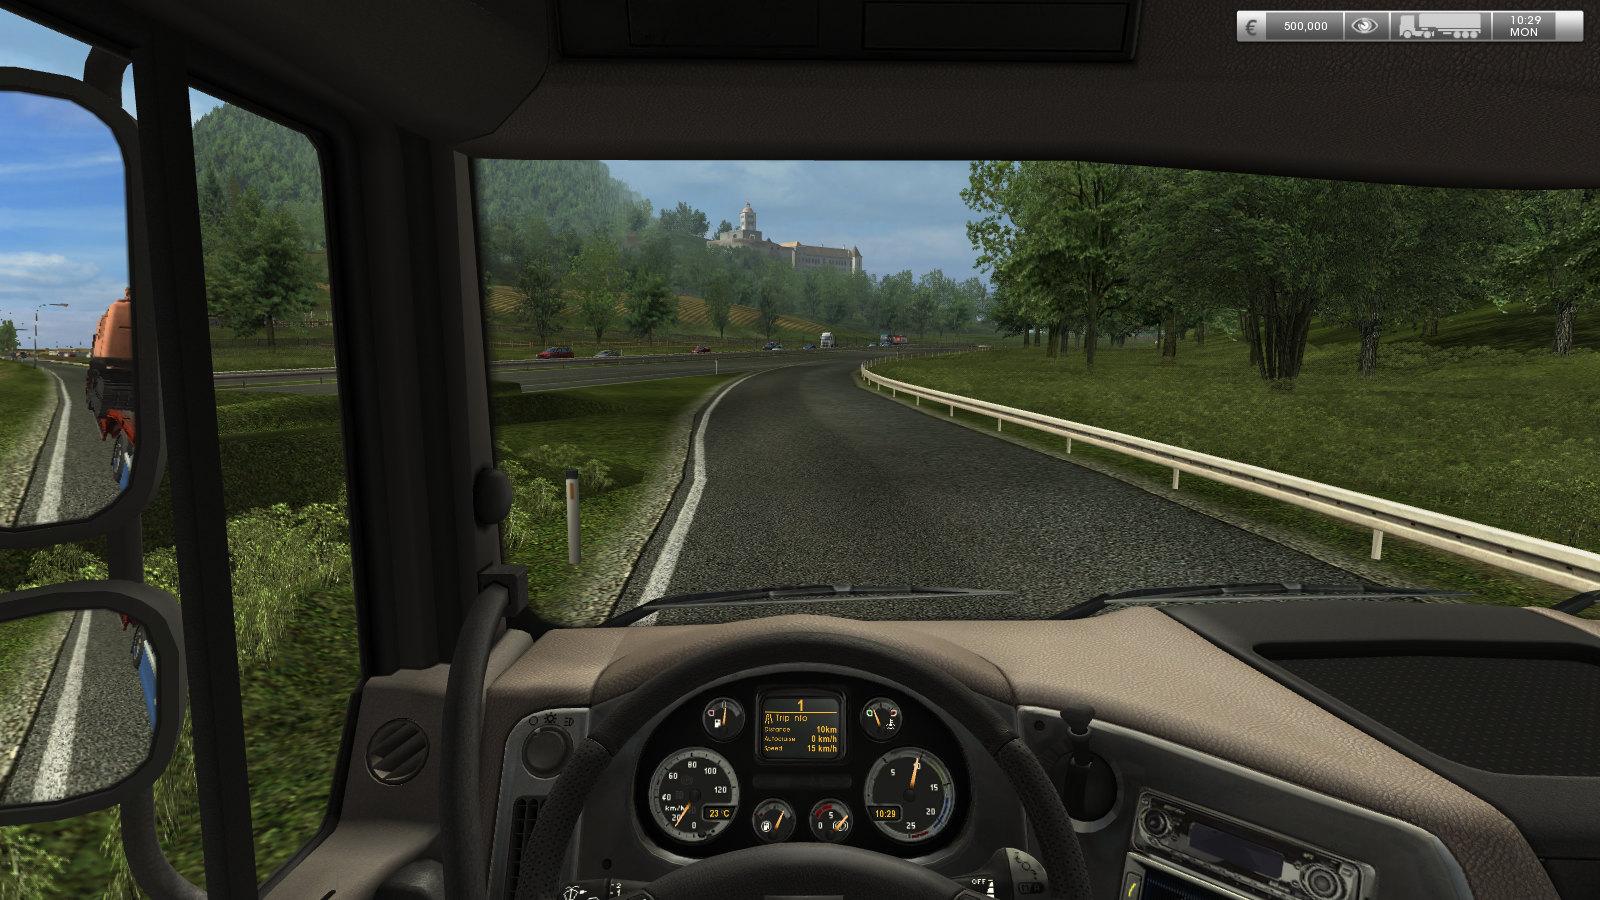 На данной странице вы можете скачать german truck simulator бесплатно на ваш компьютер